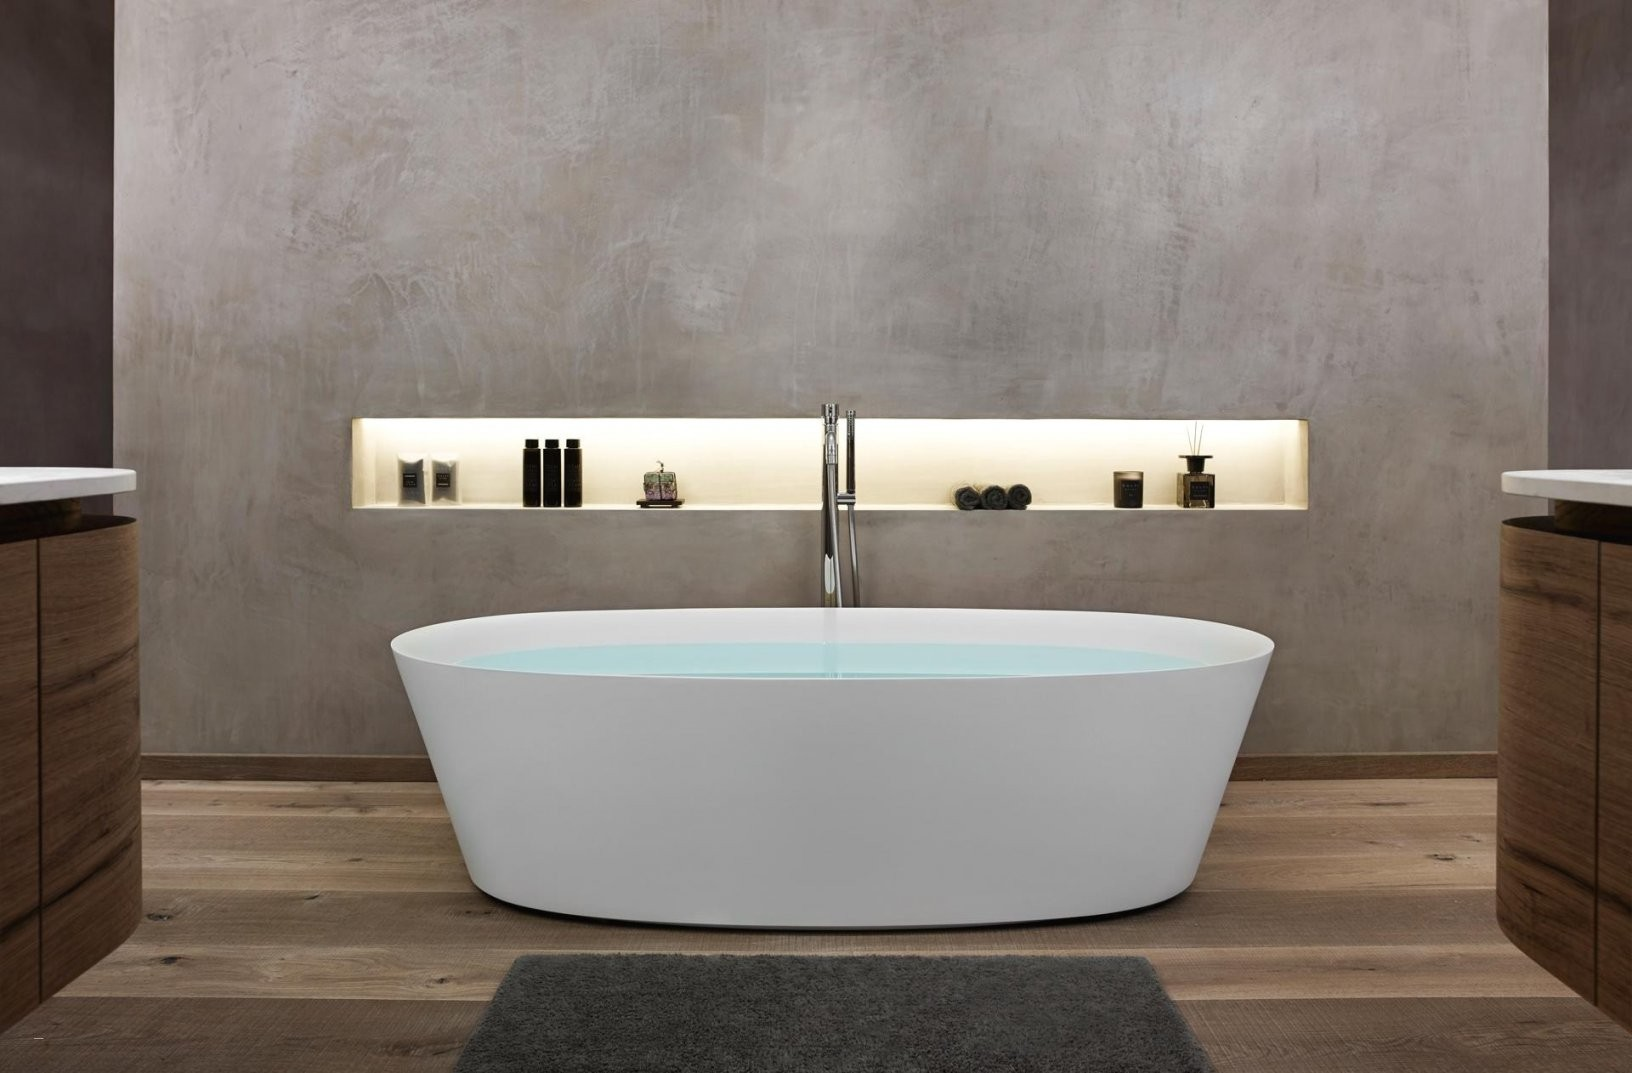 Freistehende Badewanne Eckig Innerhalb Freistehende Badewanne An Der von Freistehende Badewanne An Wand Bild